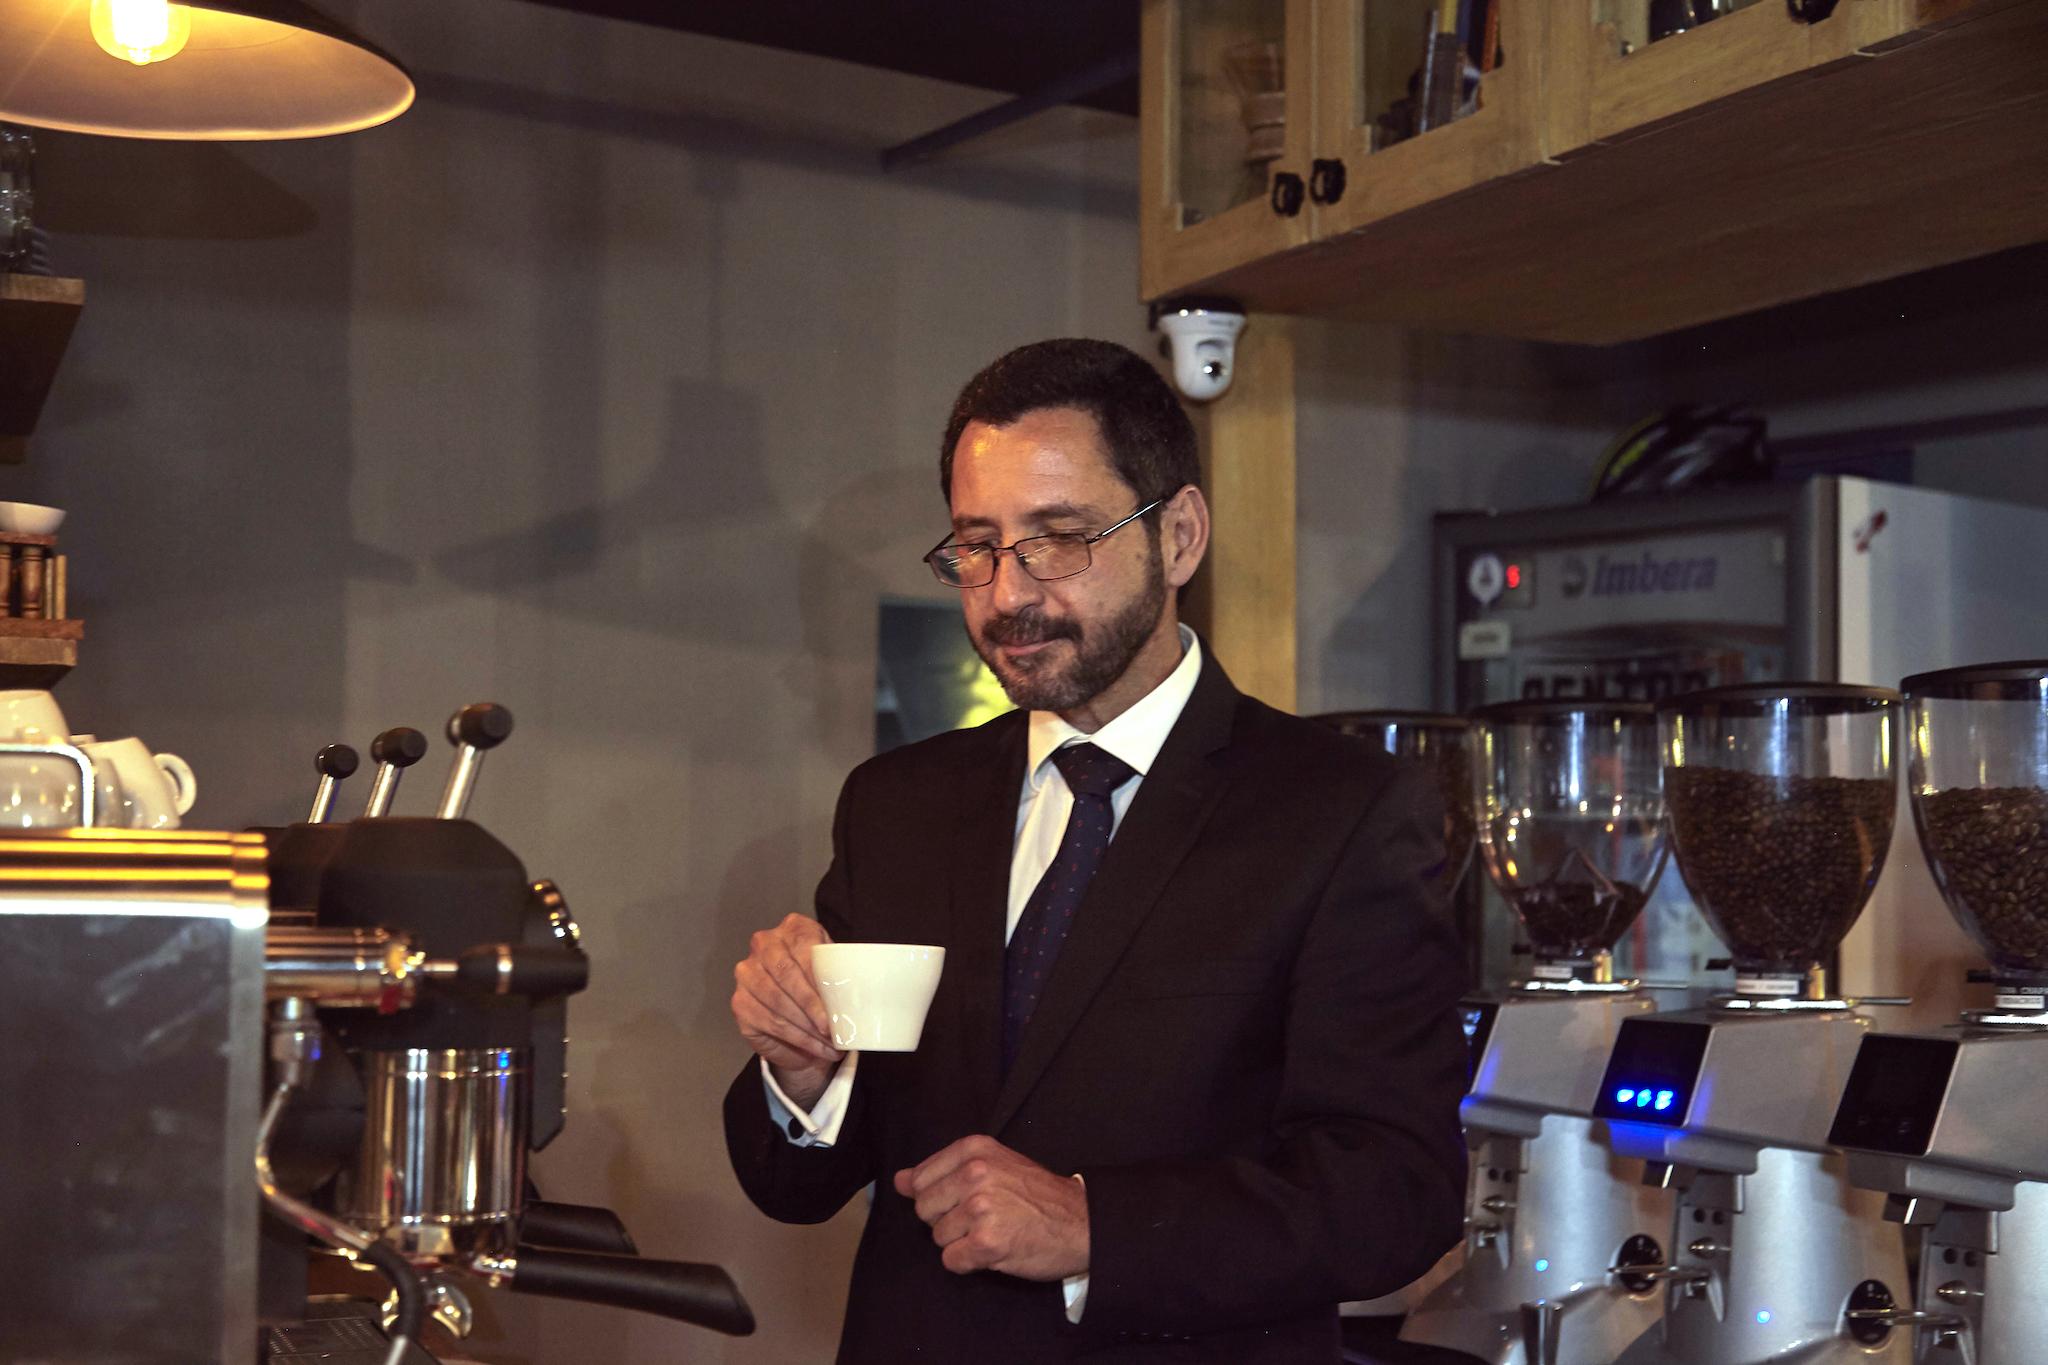 Entrevista con el barista Pablo Contreras